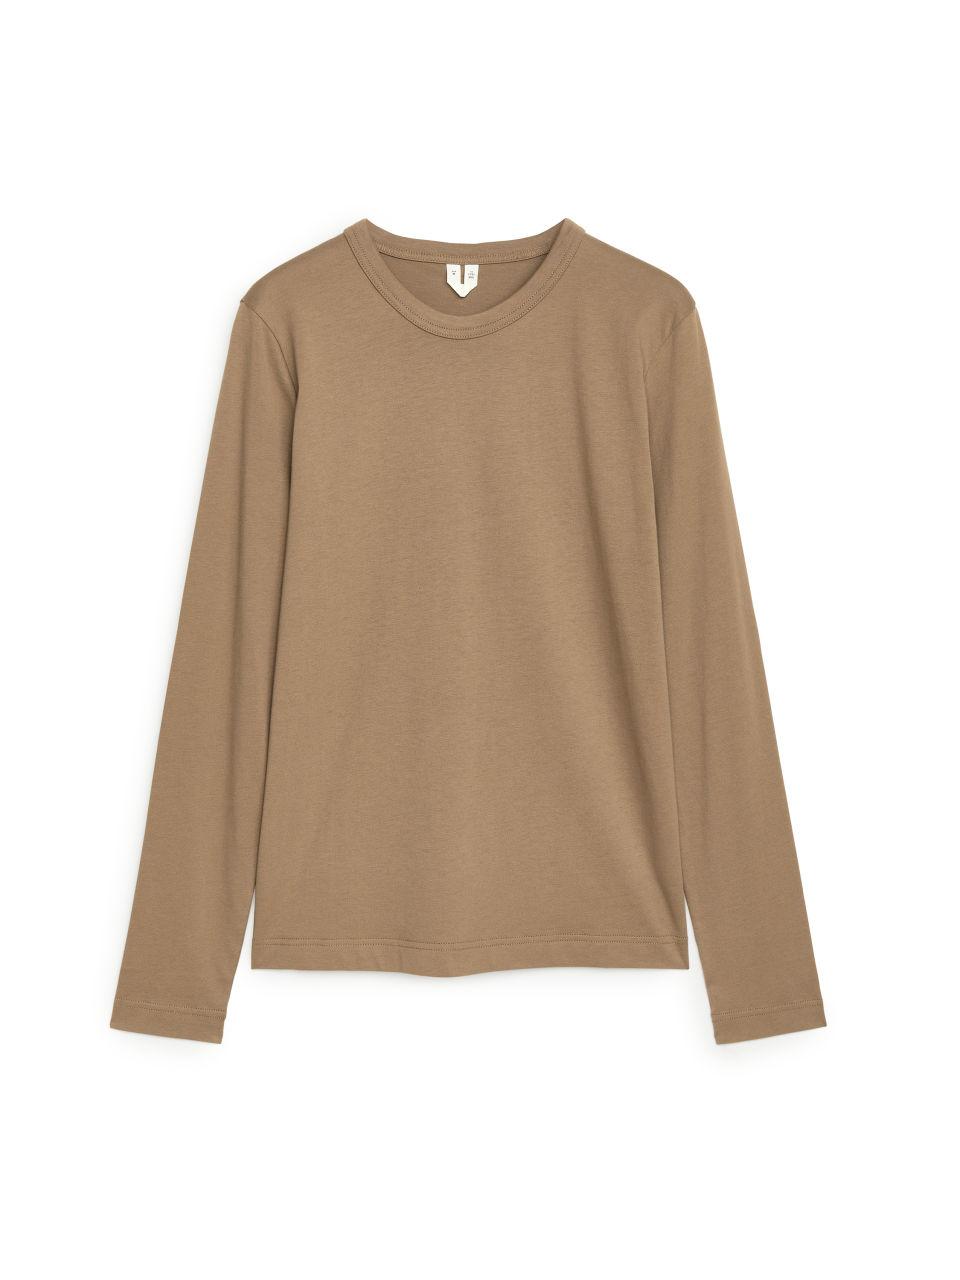 Long-Sleeved T-Shirt - Beige